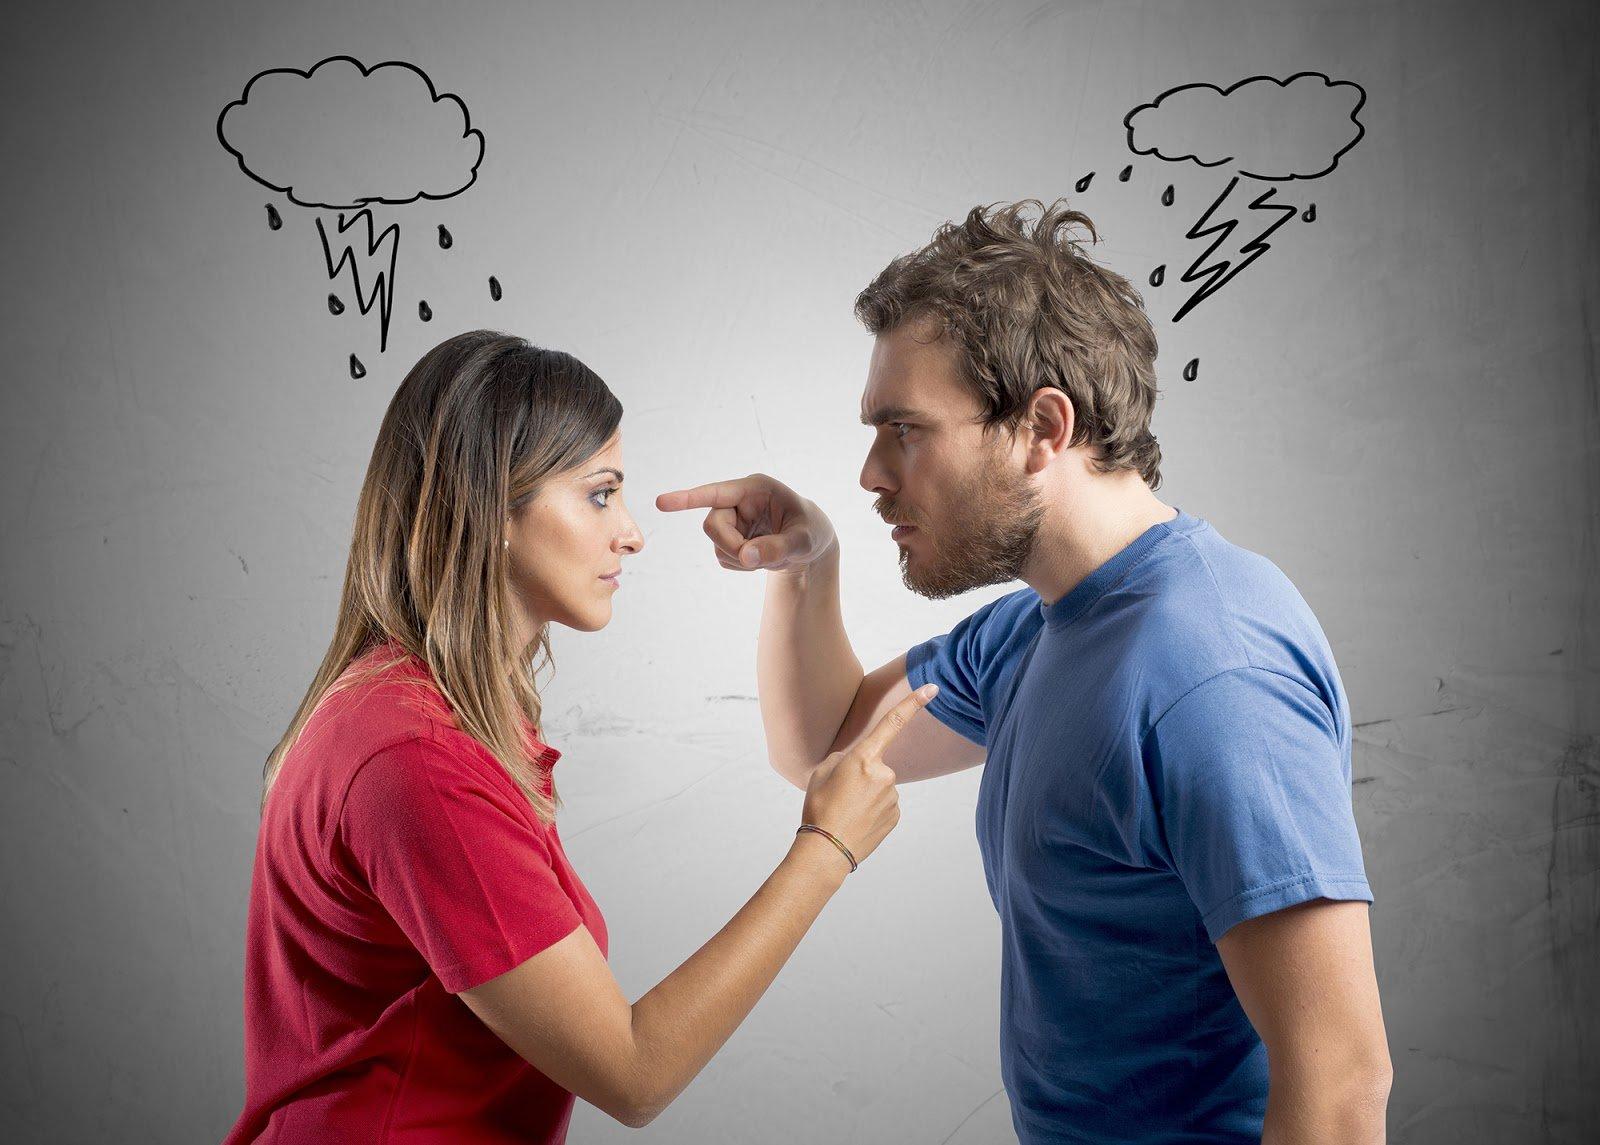 ейска картинки с ссора с людьми получила